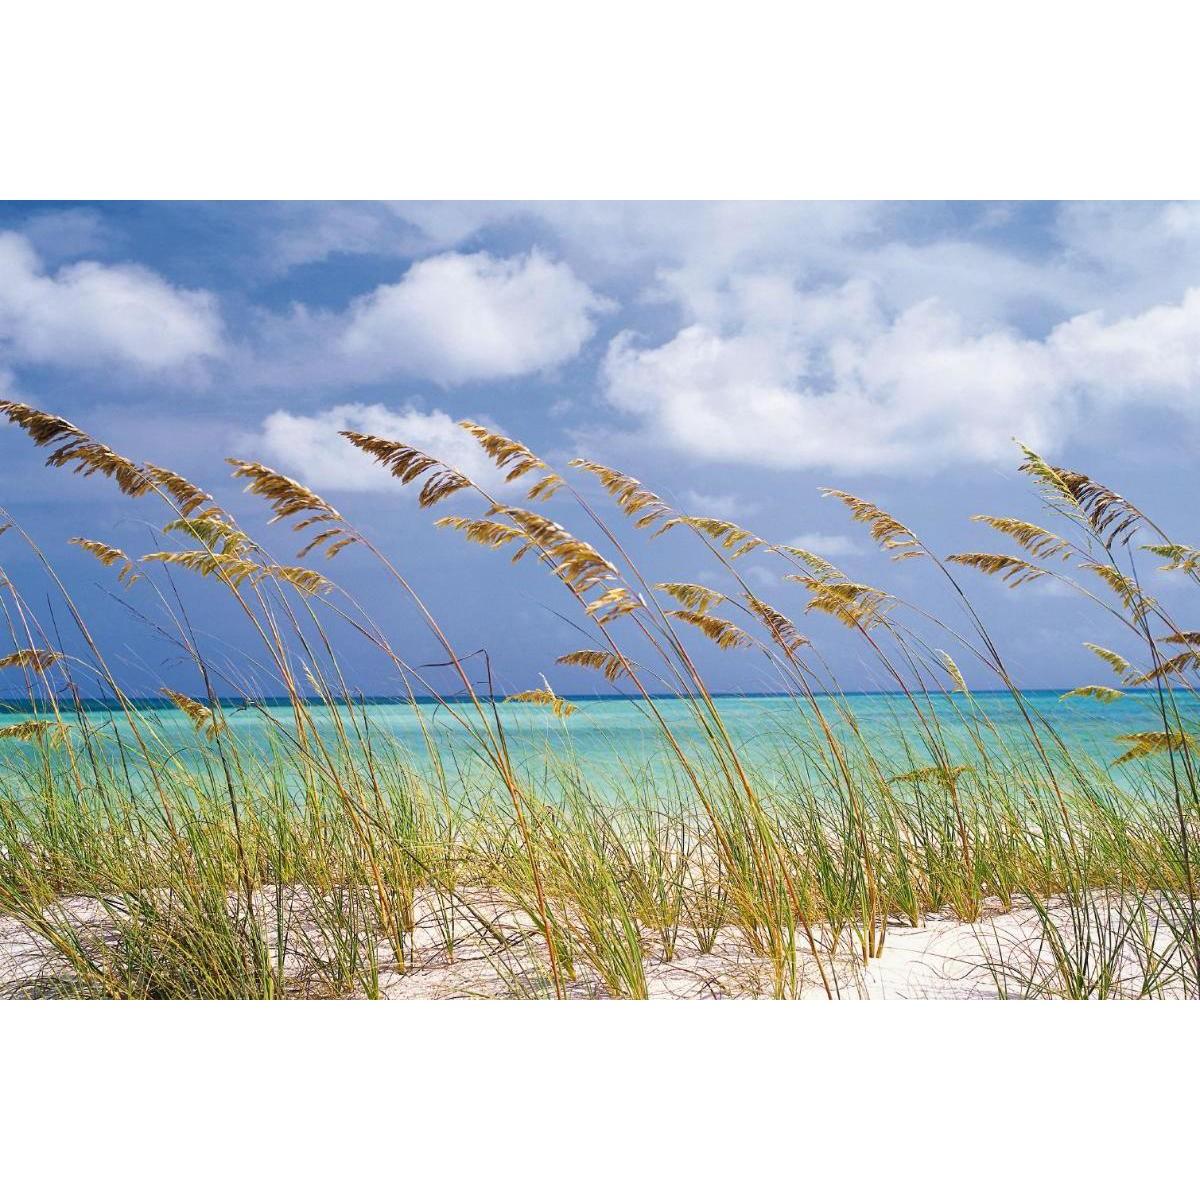 Фотообои Komar Ocean Breeze 8-515 368х254 см